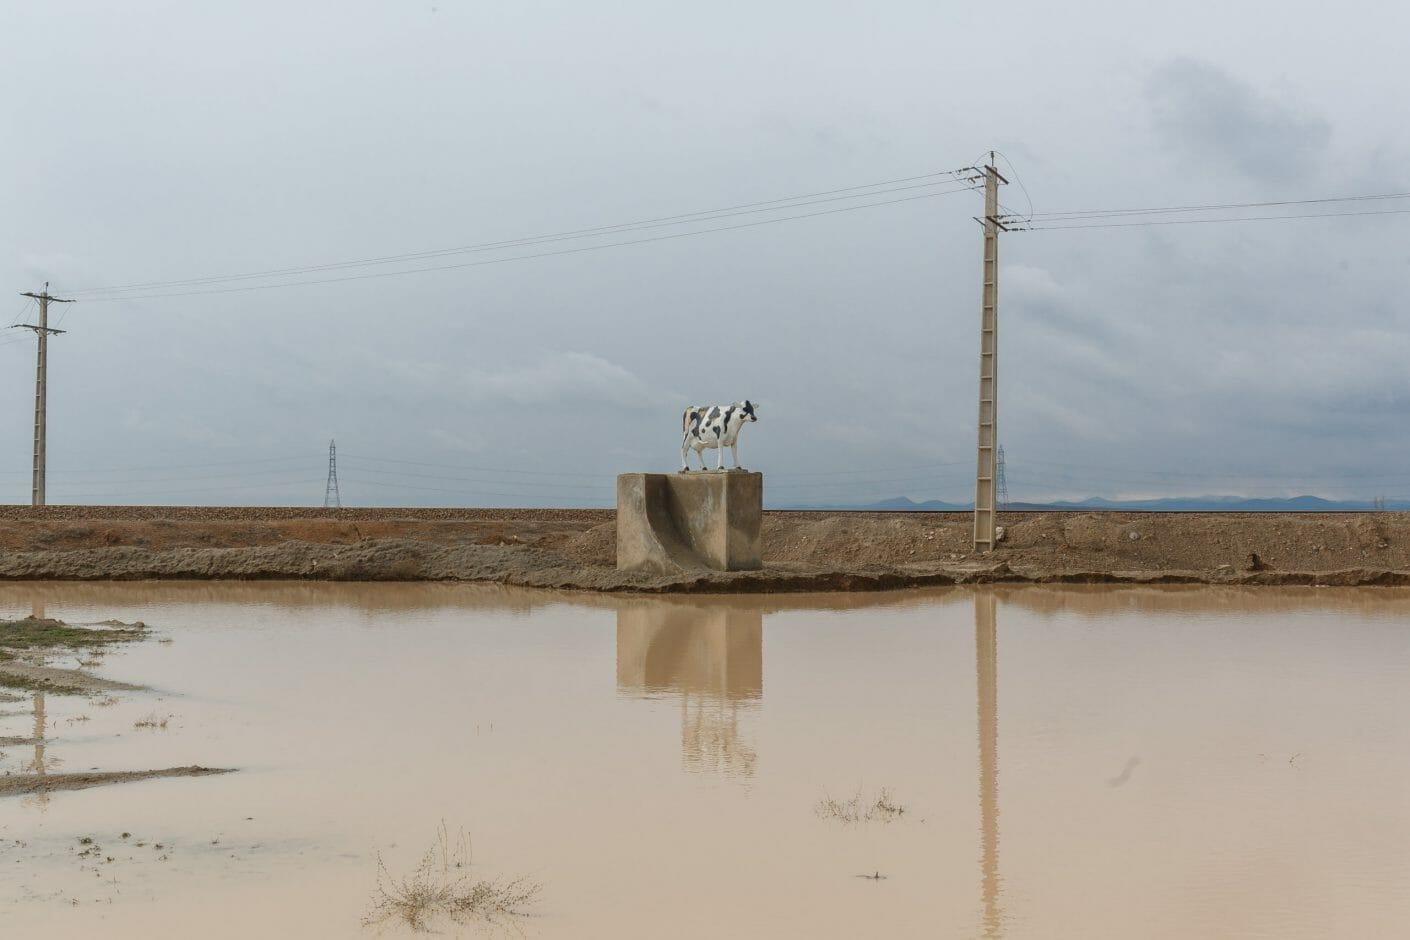 Au milieu de la campagne, sorte de marre boueuse avec une sculpture de vache sur un bloc de béton